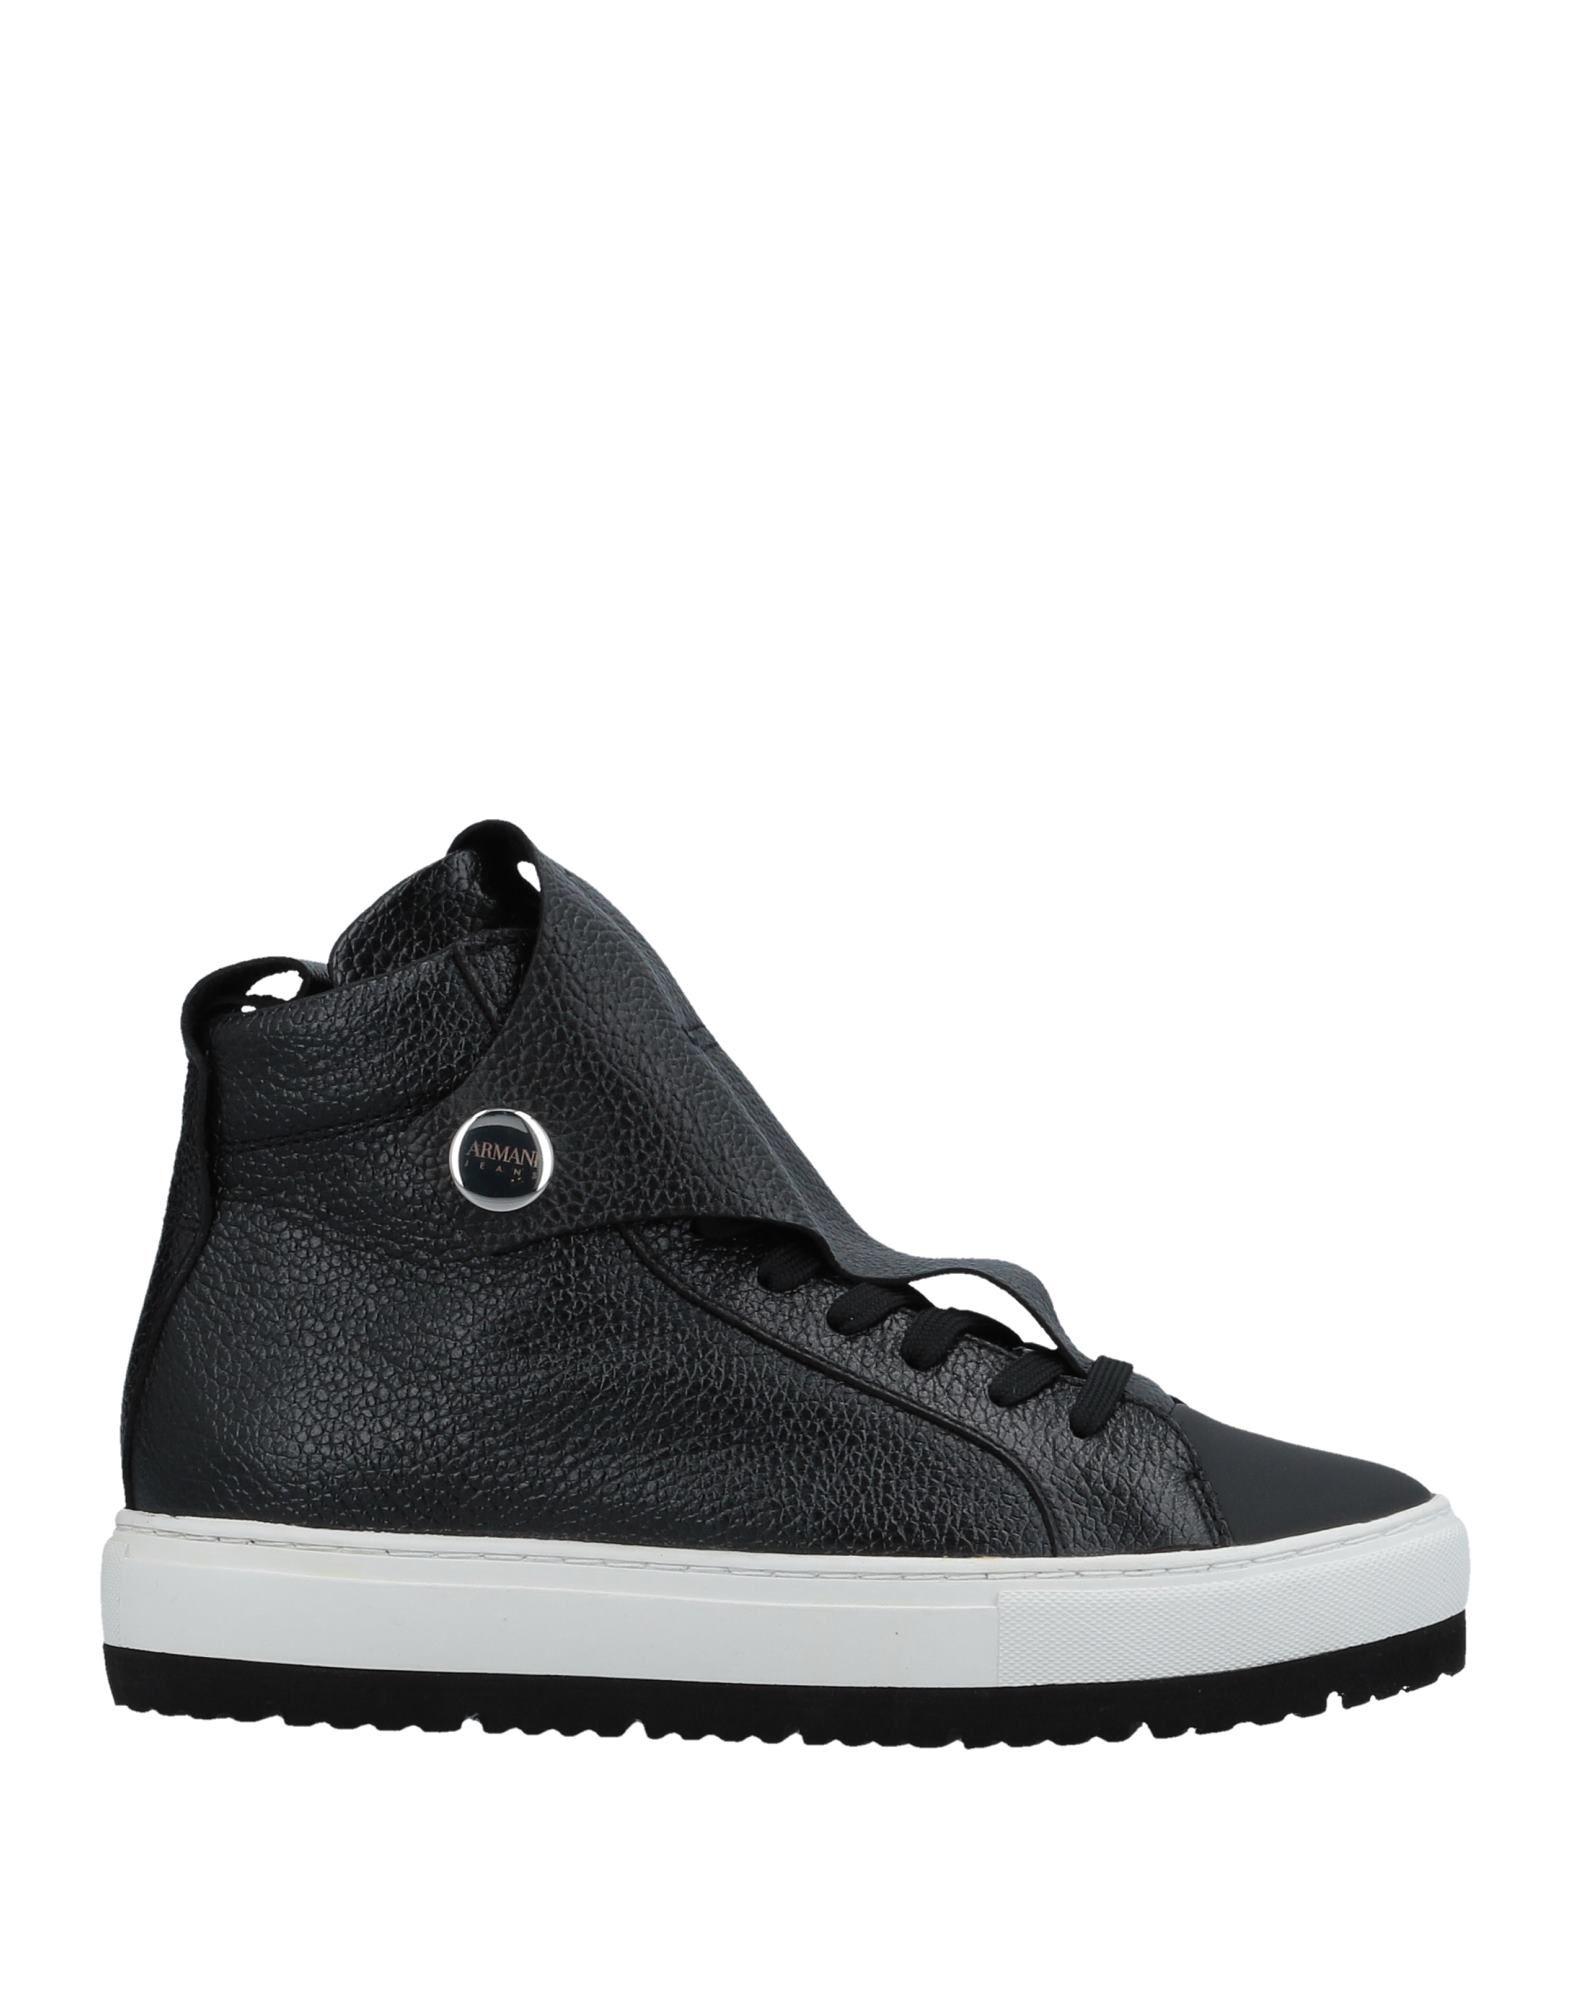 Baskets Armani Jeans Femme Noir - Baskets Armani Jeans Noir Femme Dernières chaussures discount pour hommes et femmes 8ff8b4